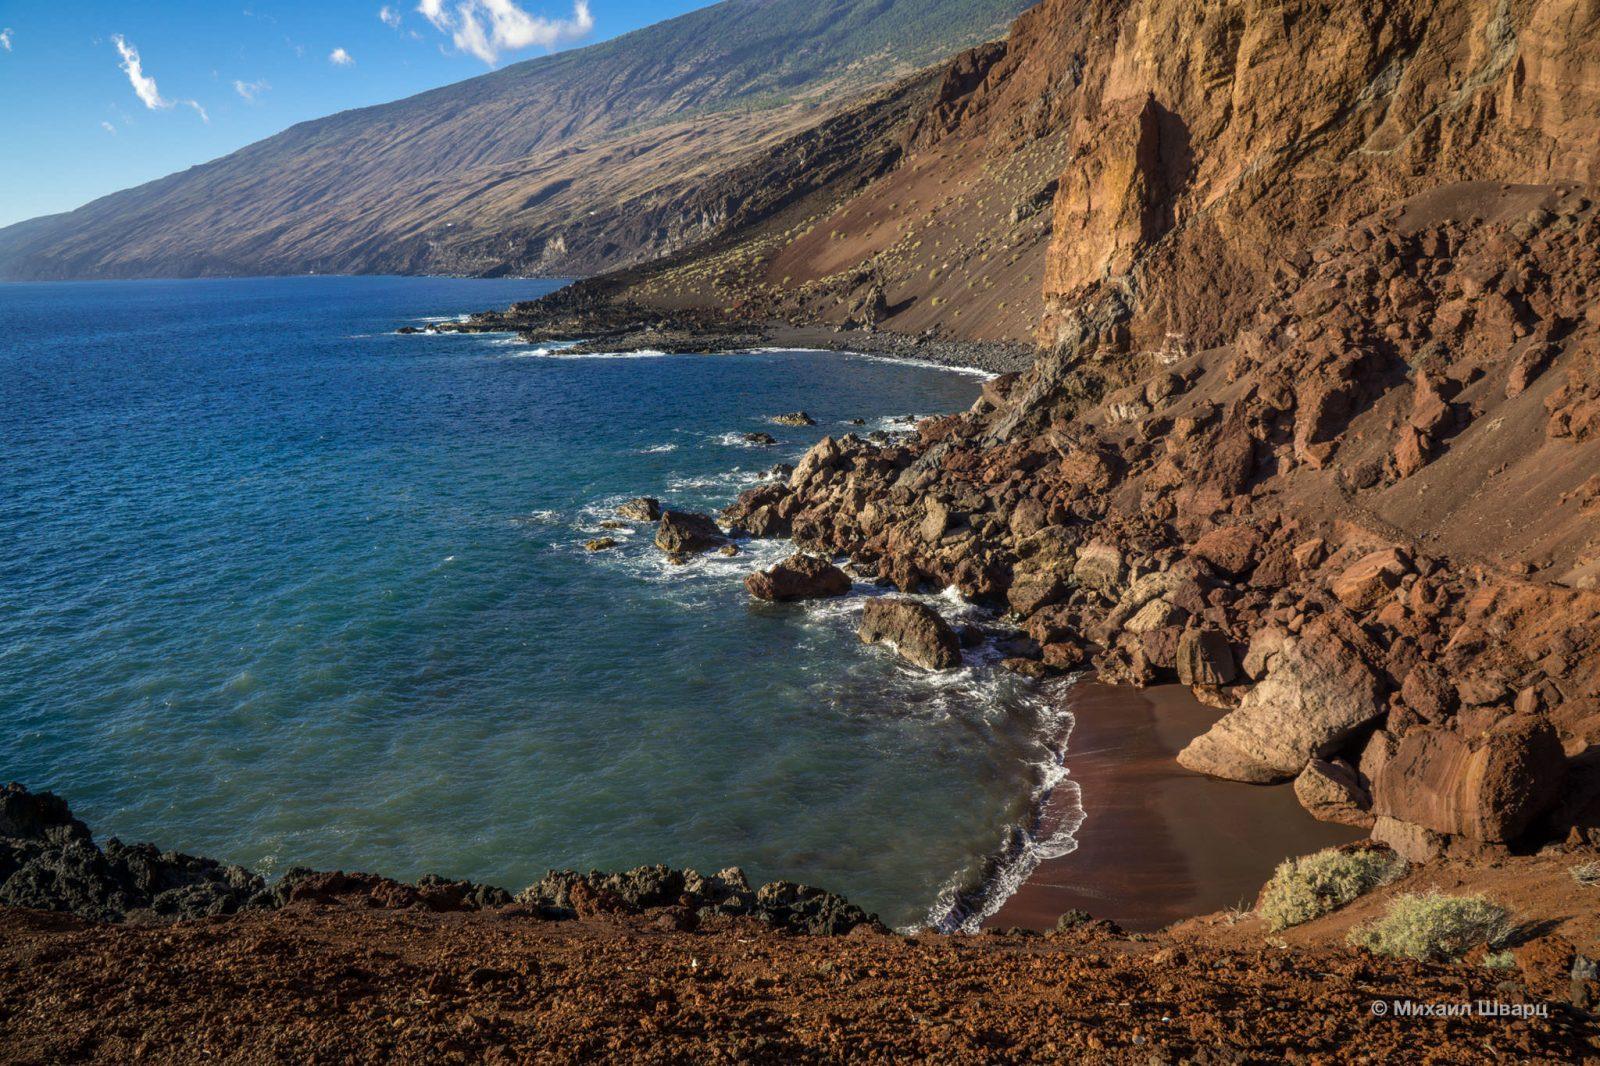 Бухта Такорон, остров Эль Иерро